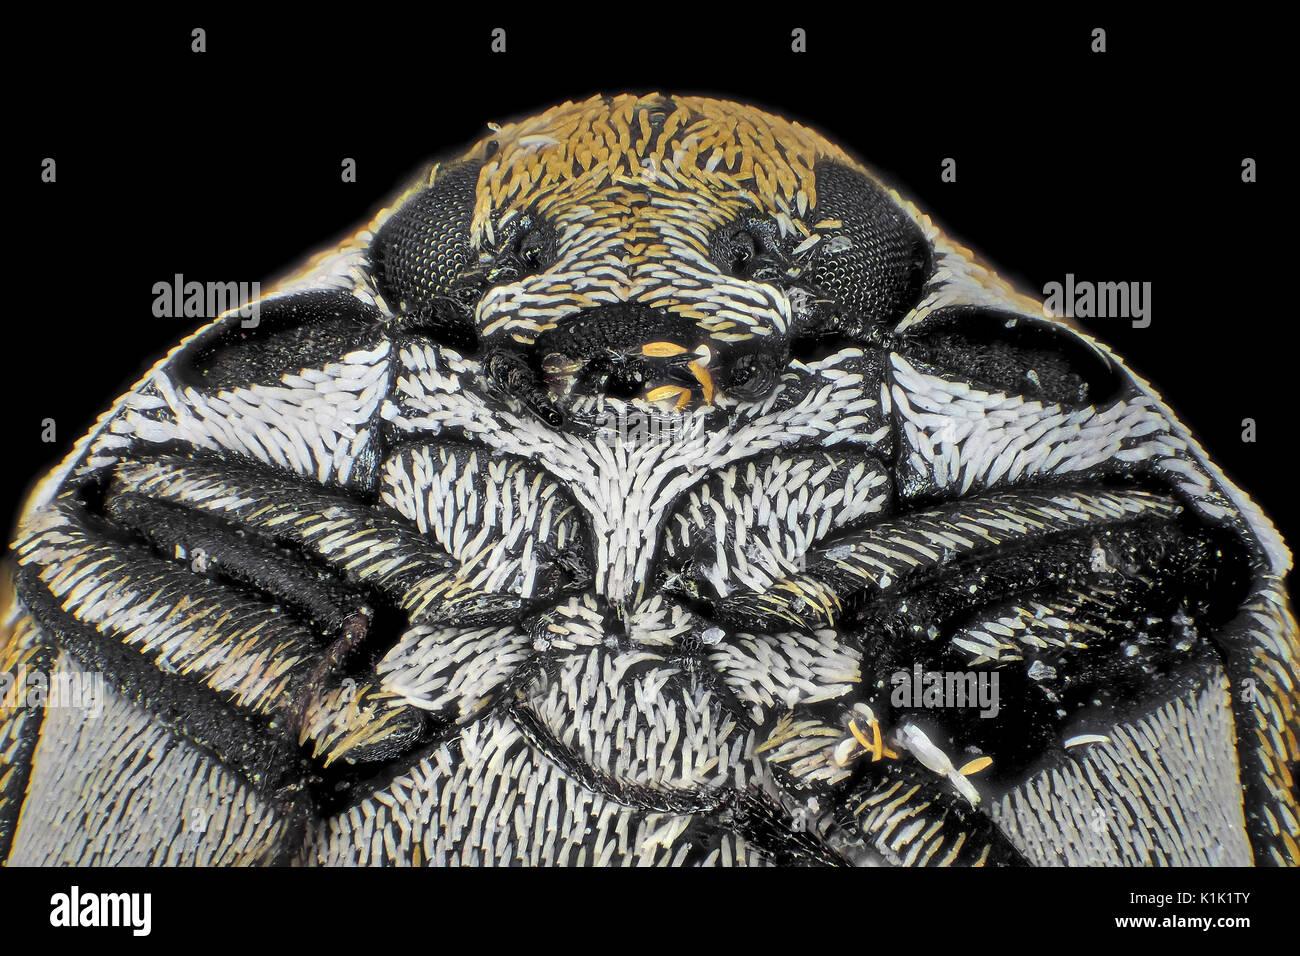 La lumière réfléchie de l'attagène micrograph varié (Anthrenus verbasci), sur la photo est d'environ 1,5 mm de large Banque D'Images